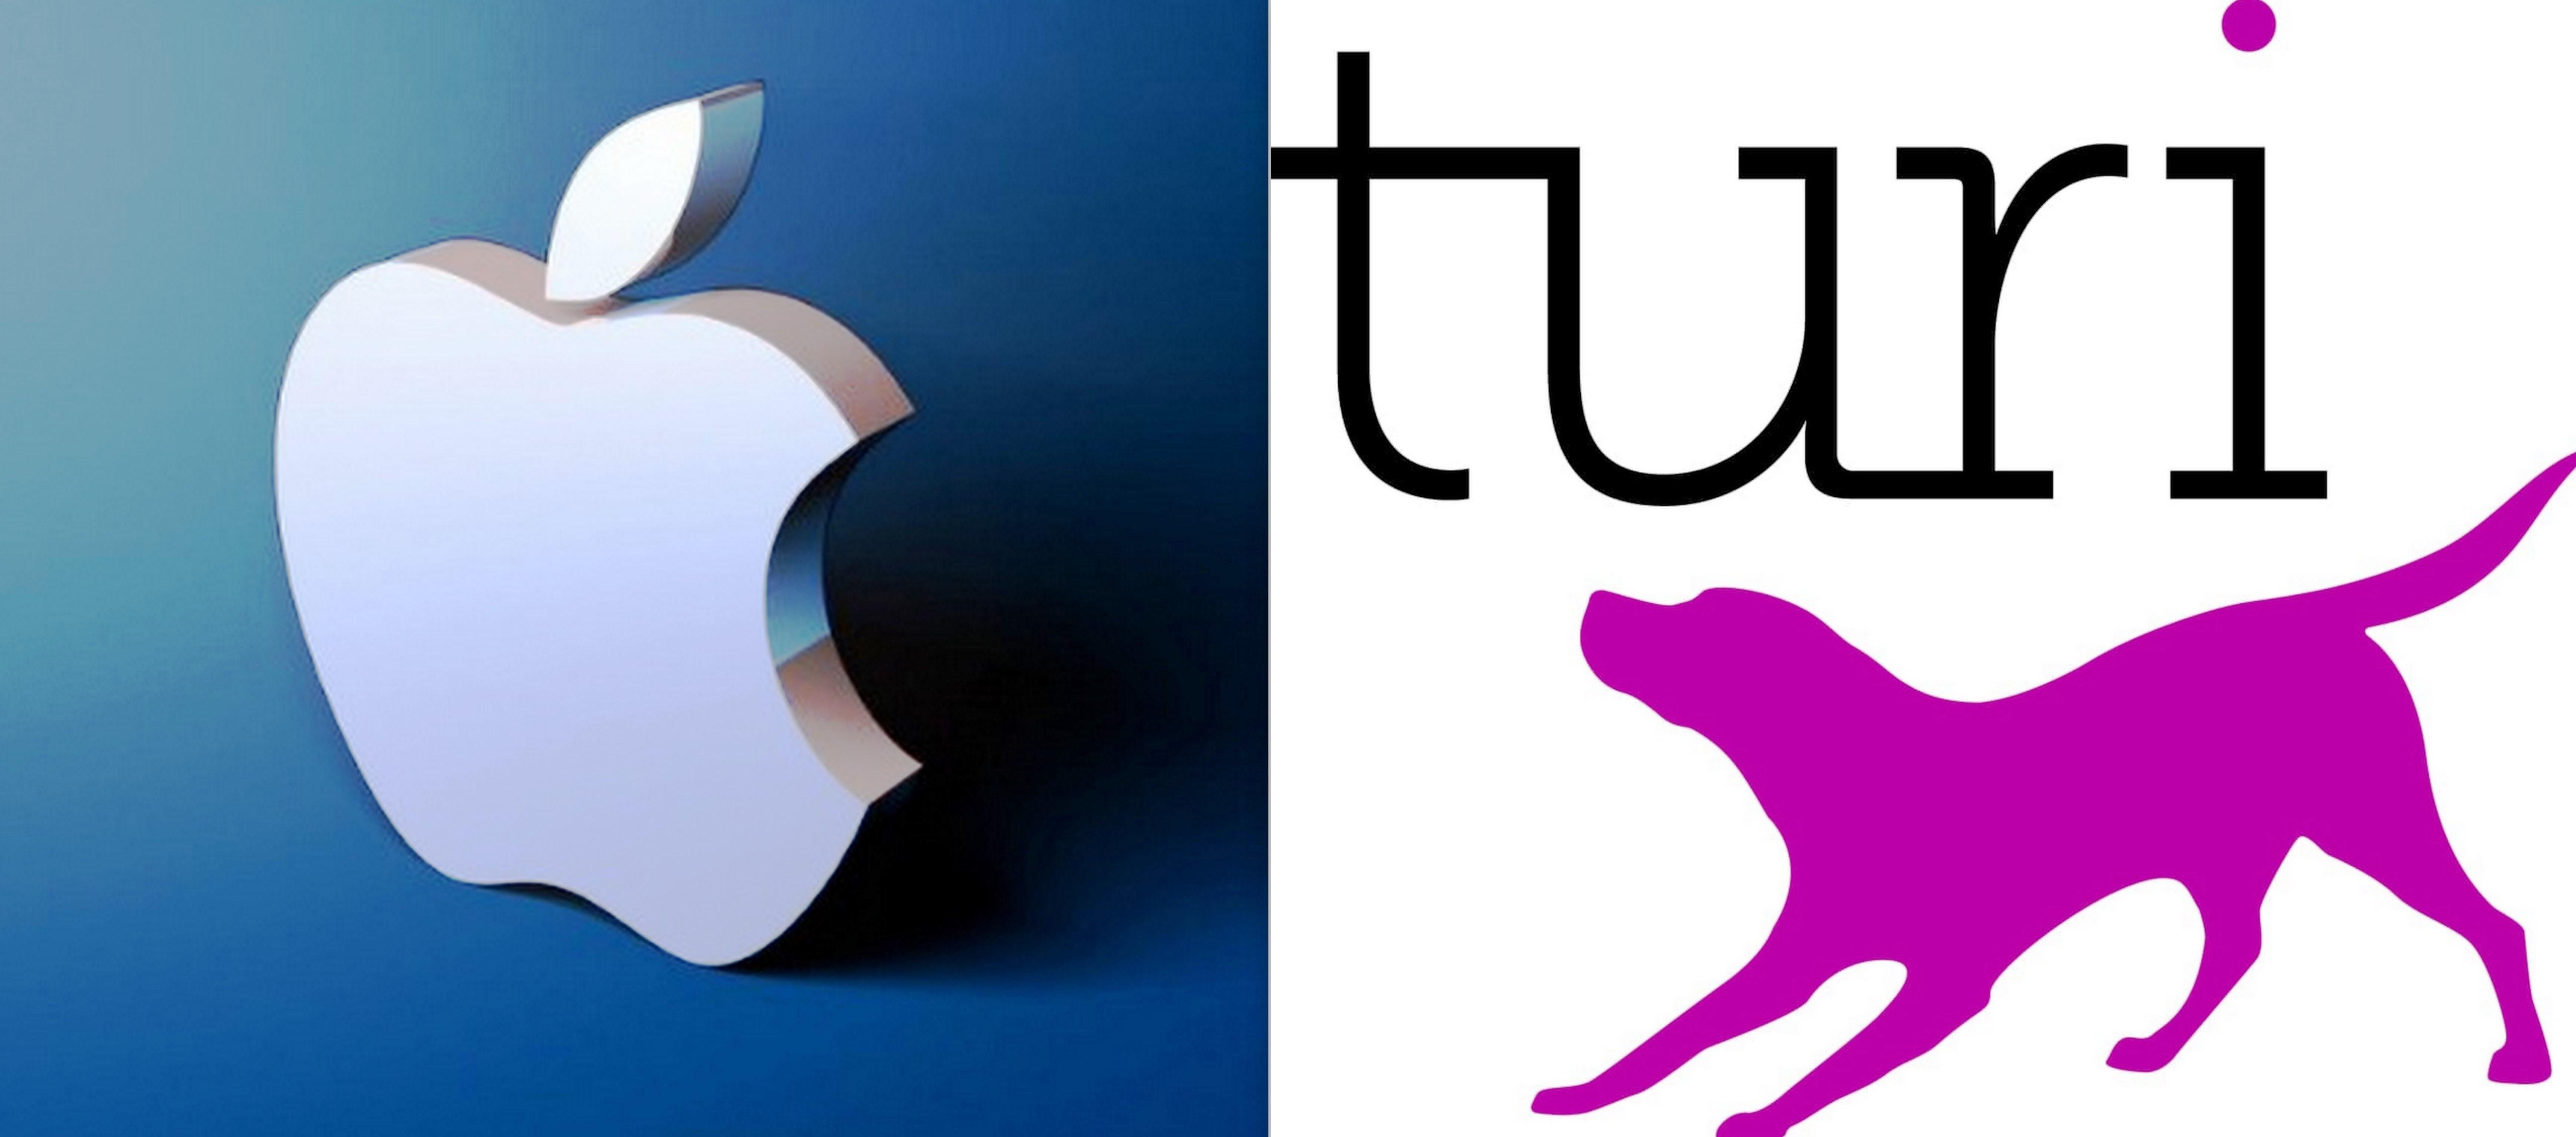 Apple thâu tóm startup Turi chuyên trí thông minh nhân tạo, giá khoảng 200 triệu USD